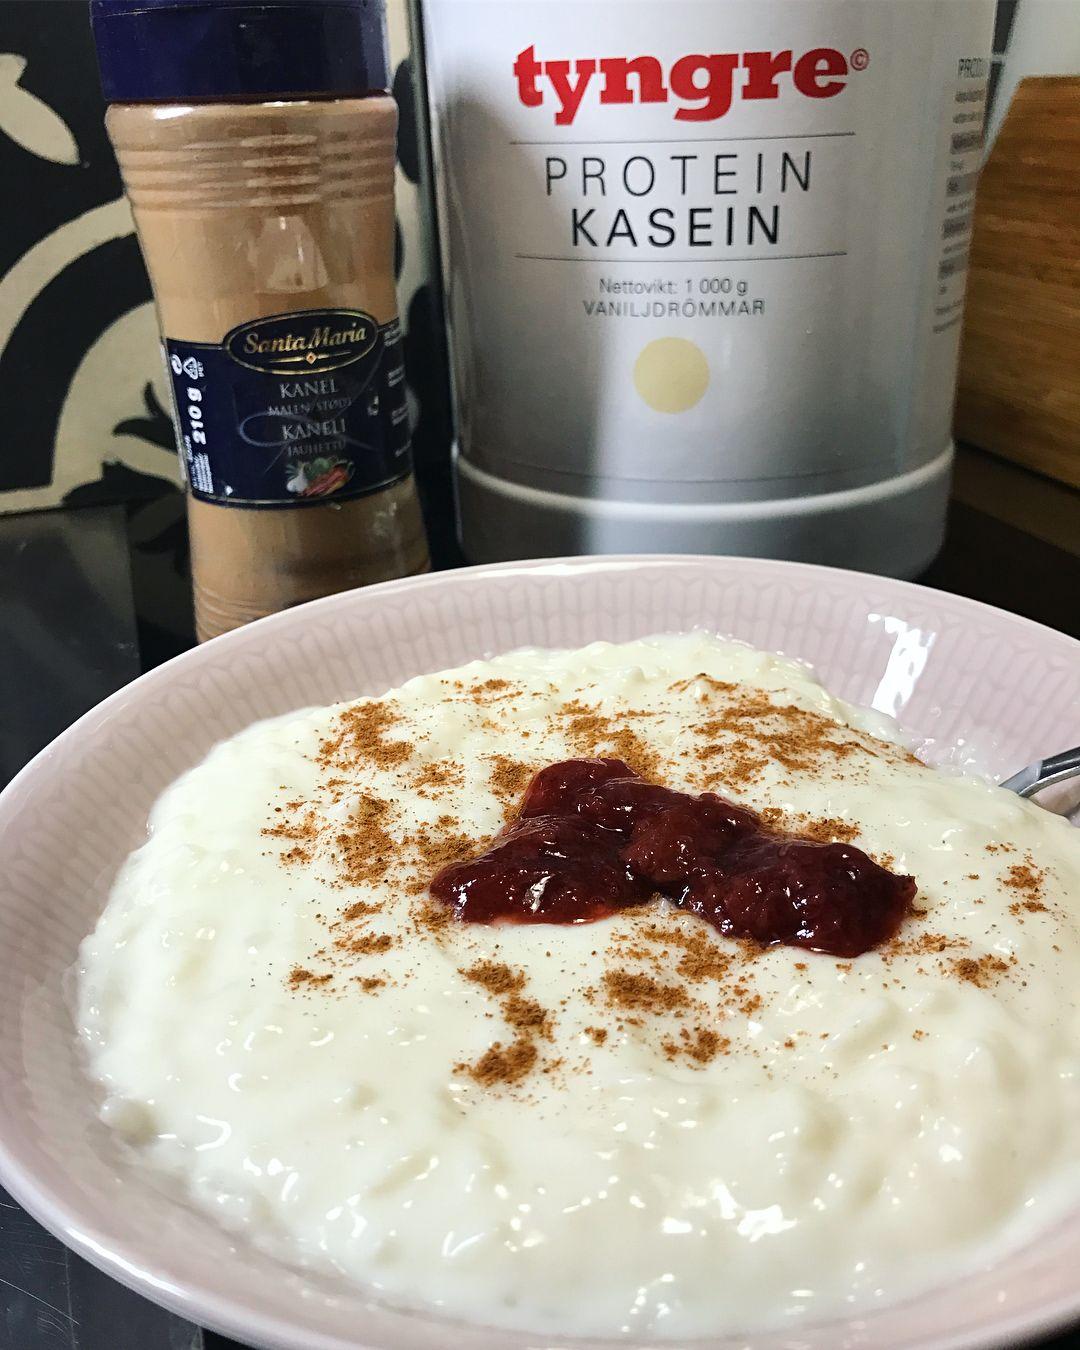 Tyngre proteinpulver vaniljdrömmar